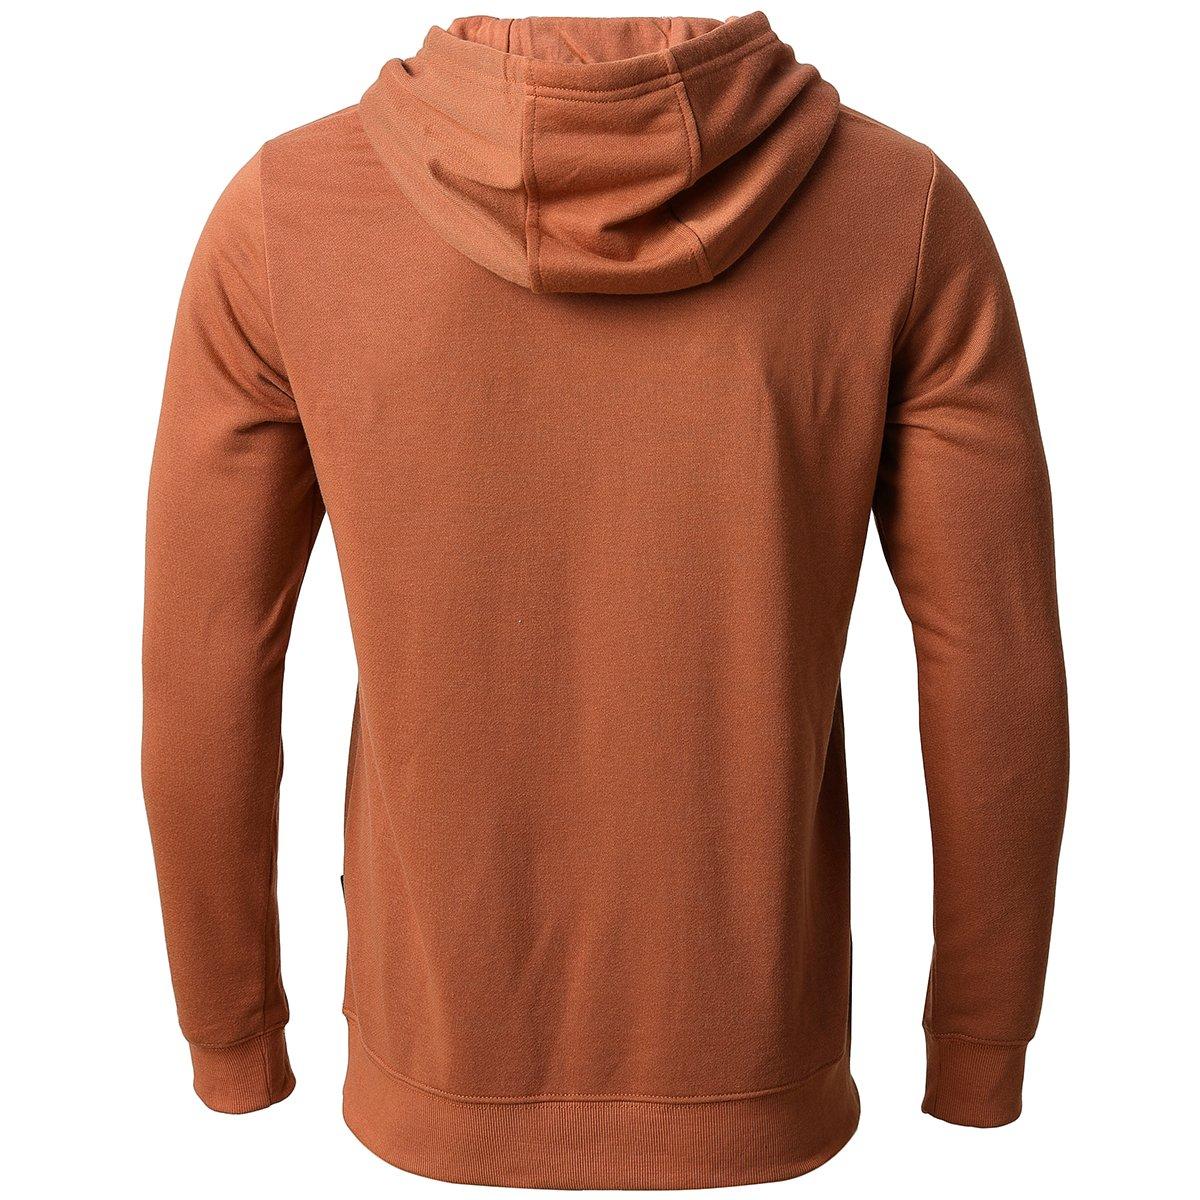 Mens Casual Full Zip Hoodie Hooded Sweatshirt Cotton Blend Hooded Jacket